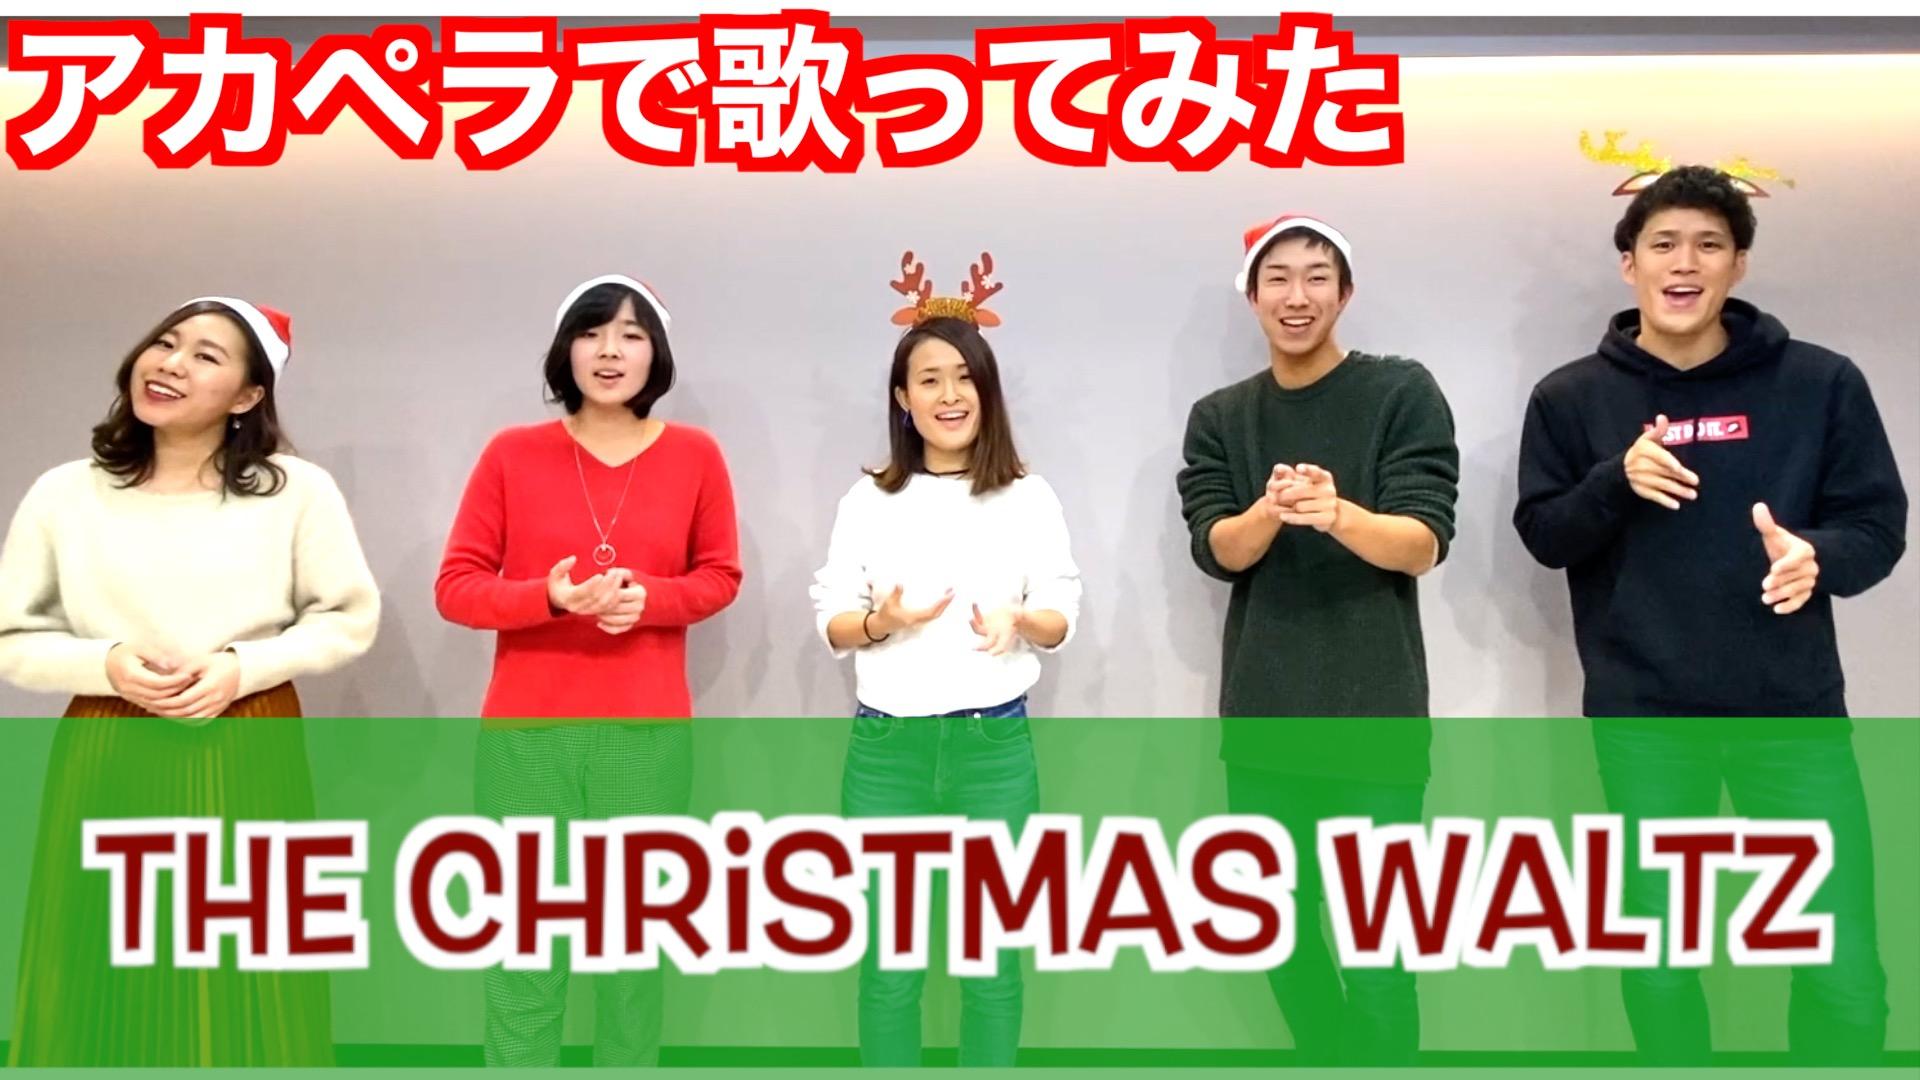 記事 【アカペラ仲間と歌ってみた】The Christmas Waltz / Frank Sinatra(A cappella cover)のアイキャッチ画像